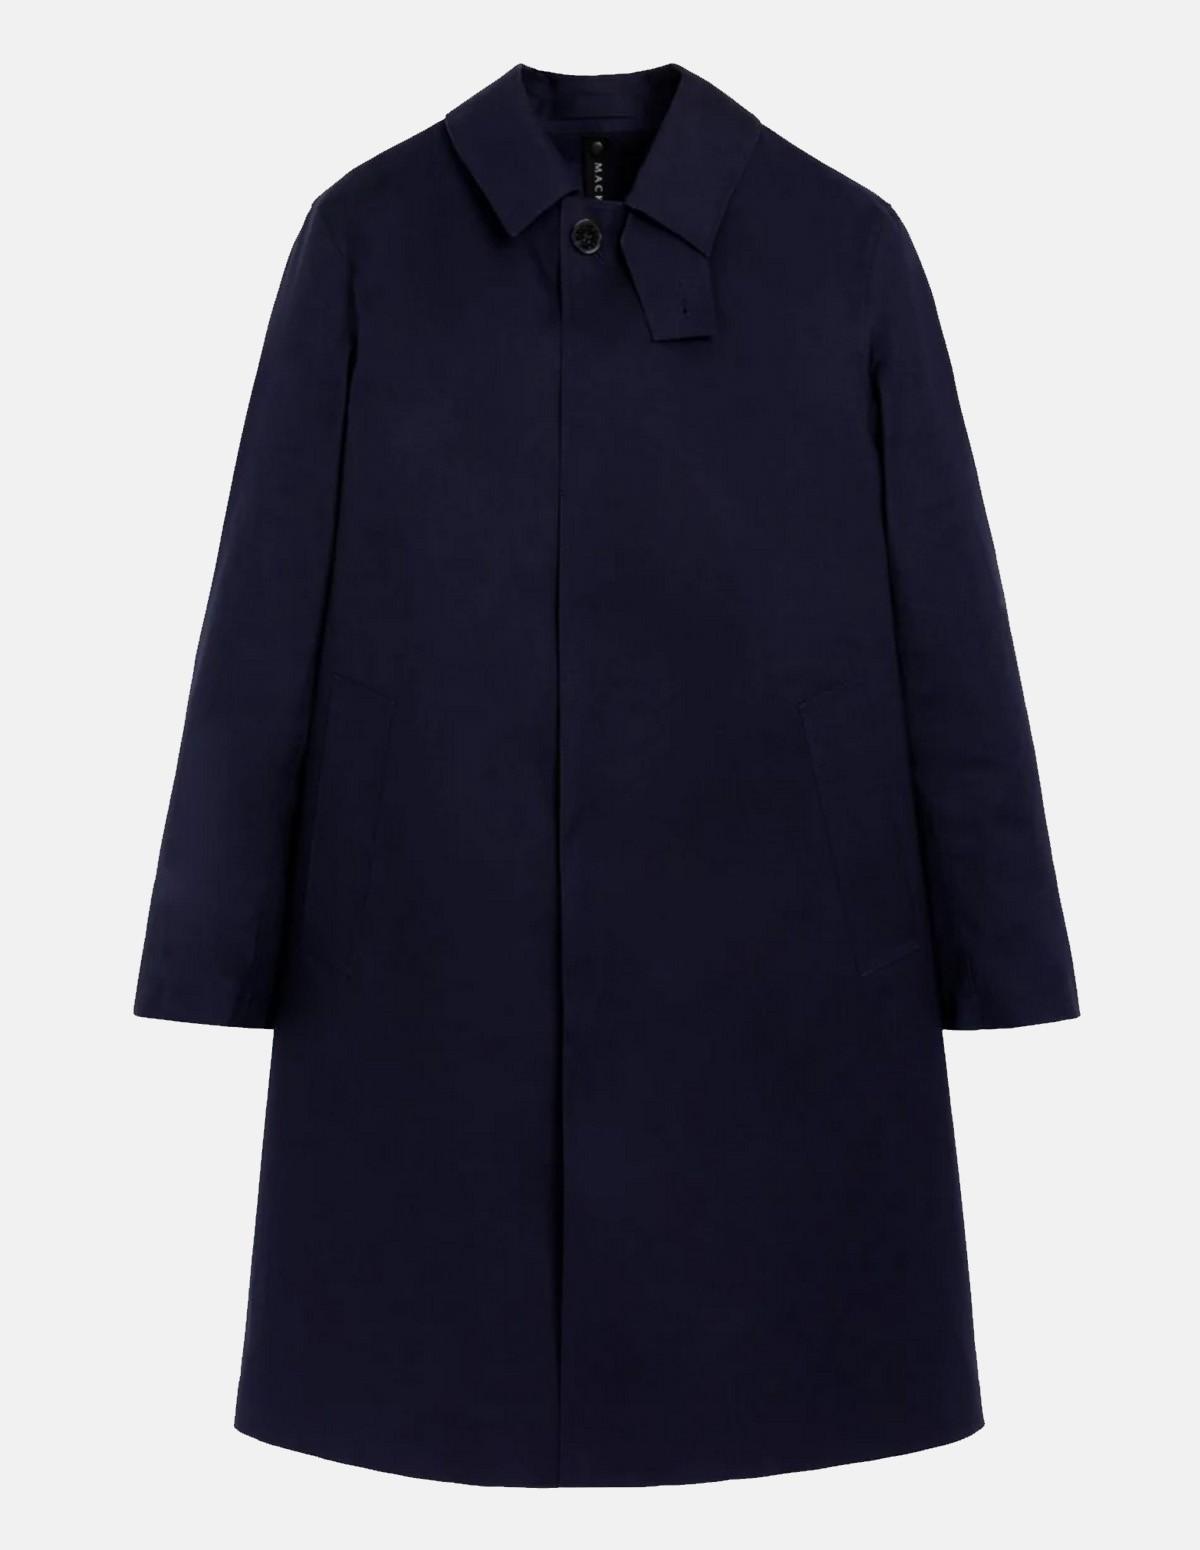 Mac Rop6718 Oxford Overcoat - NAVY